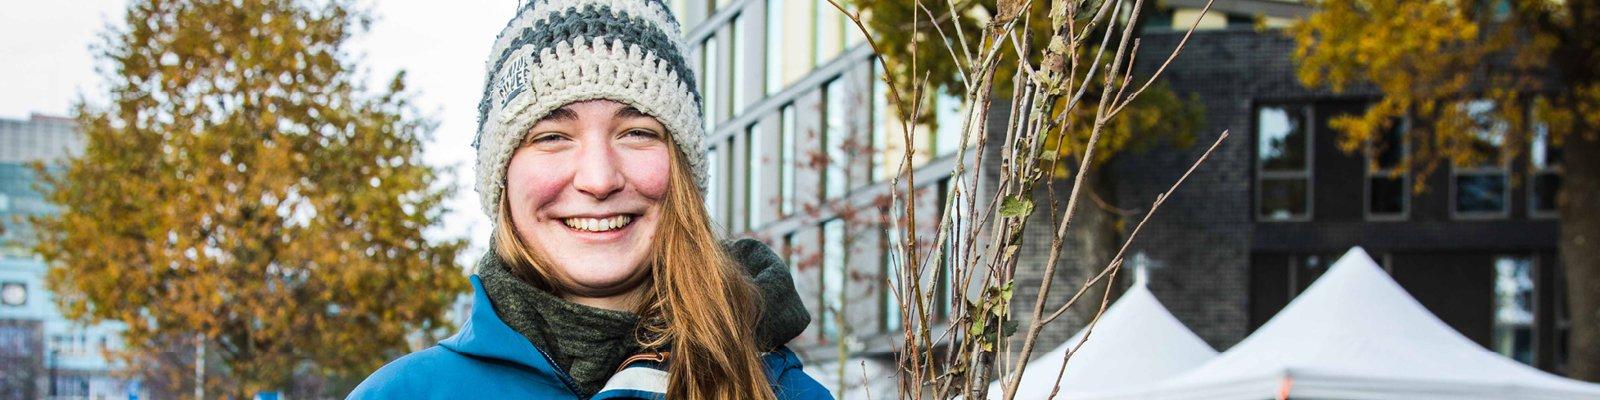 Studente met een warme muts, met een achtergrond van gebouwen, groene bomen en struiken